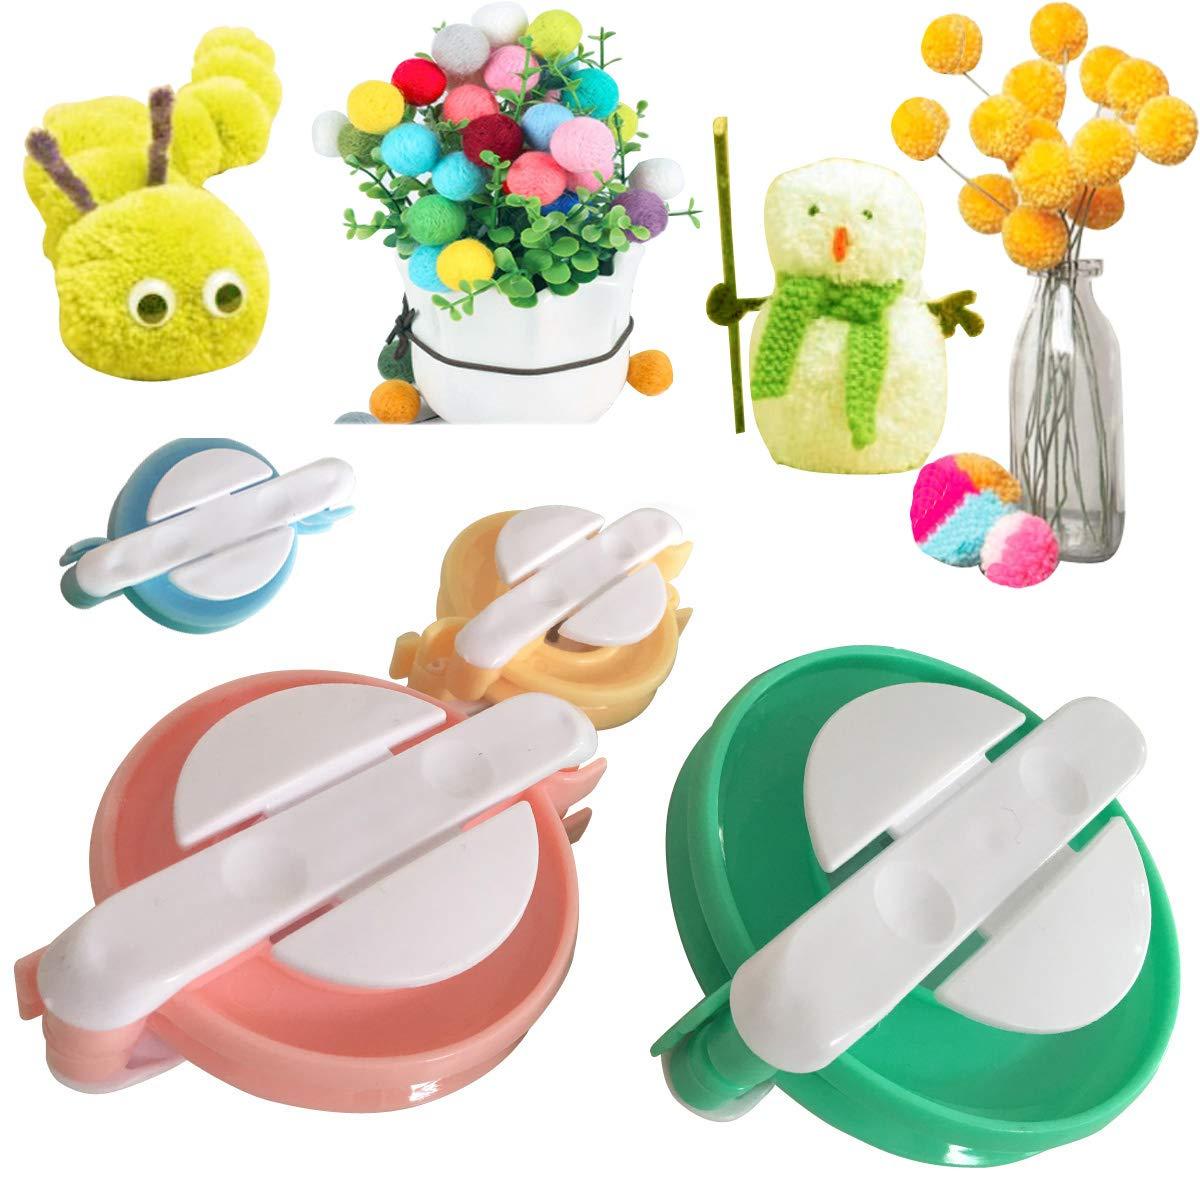 Pompom Makers Handmade Pom Pom Tool Making Christmas Toy Crafts Pom-pom Maker Set DIY Fluff Ball Bobble Weaver Needle Knitting Wool pom Makers kit 4pack